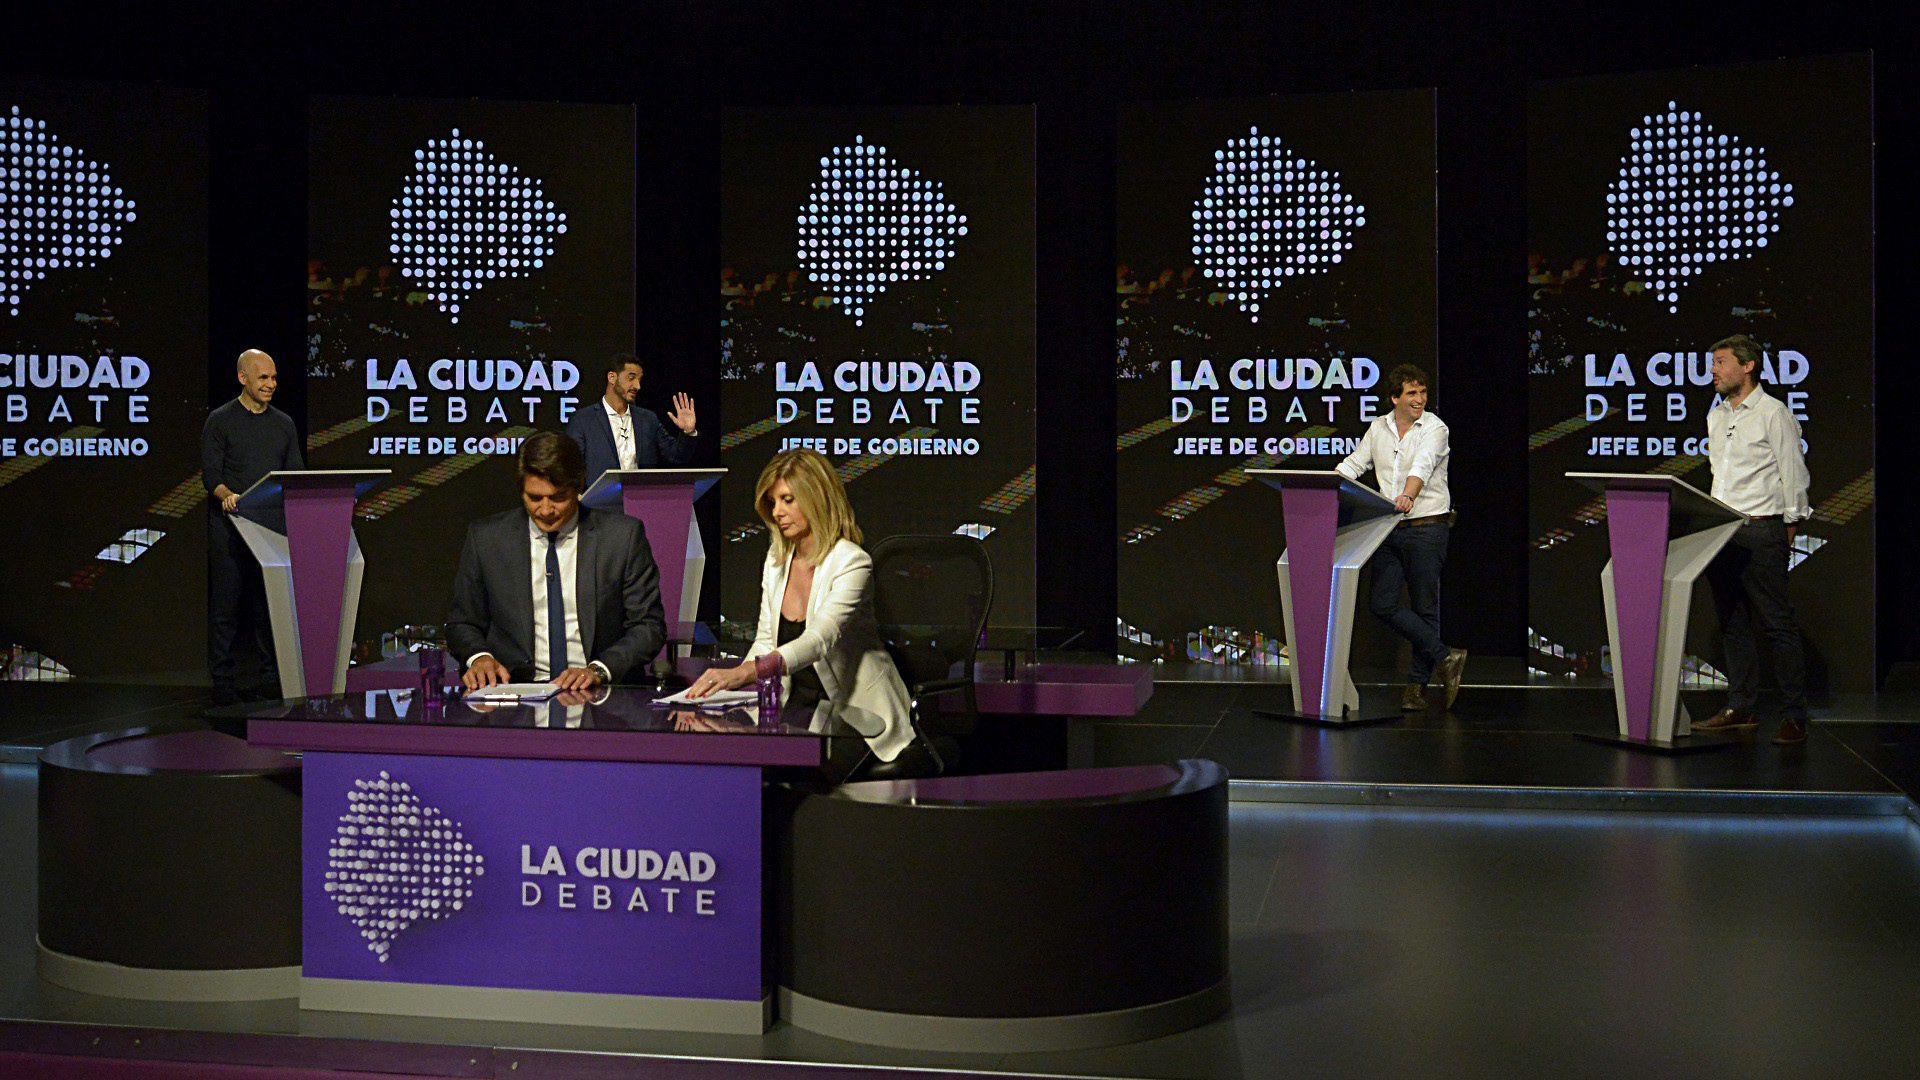 Anoche se realizó el debate de candidatos a jefe de Gobierno de la Ciudad. No hubo emociones. (Gustavo Gavotti)